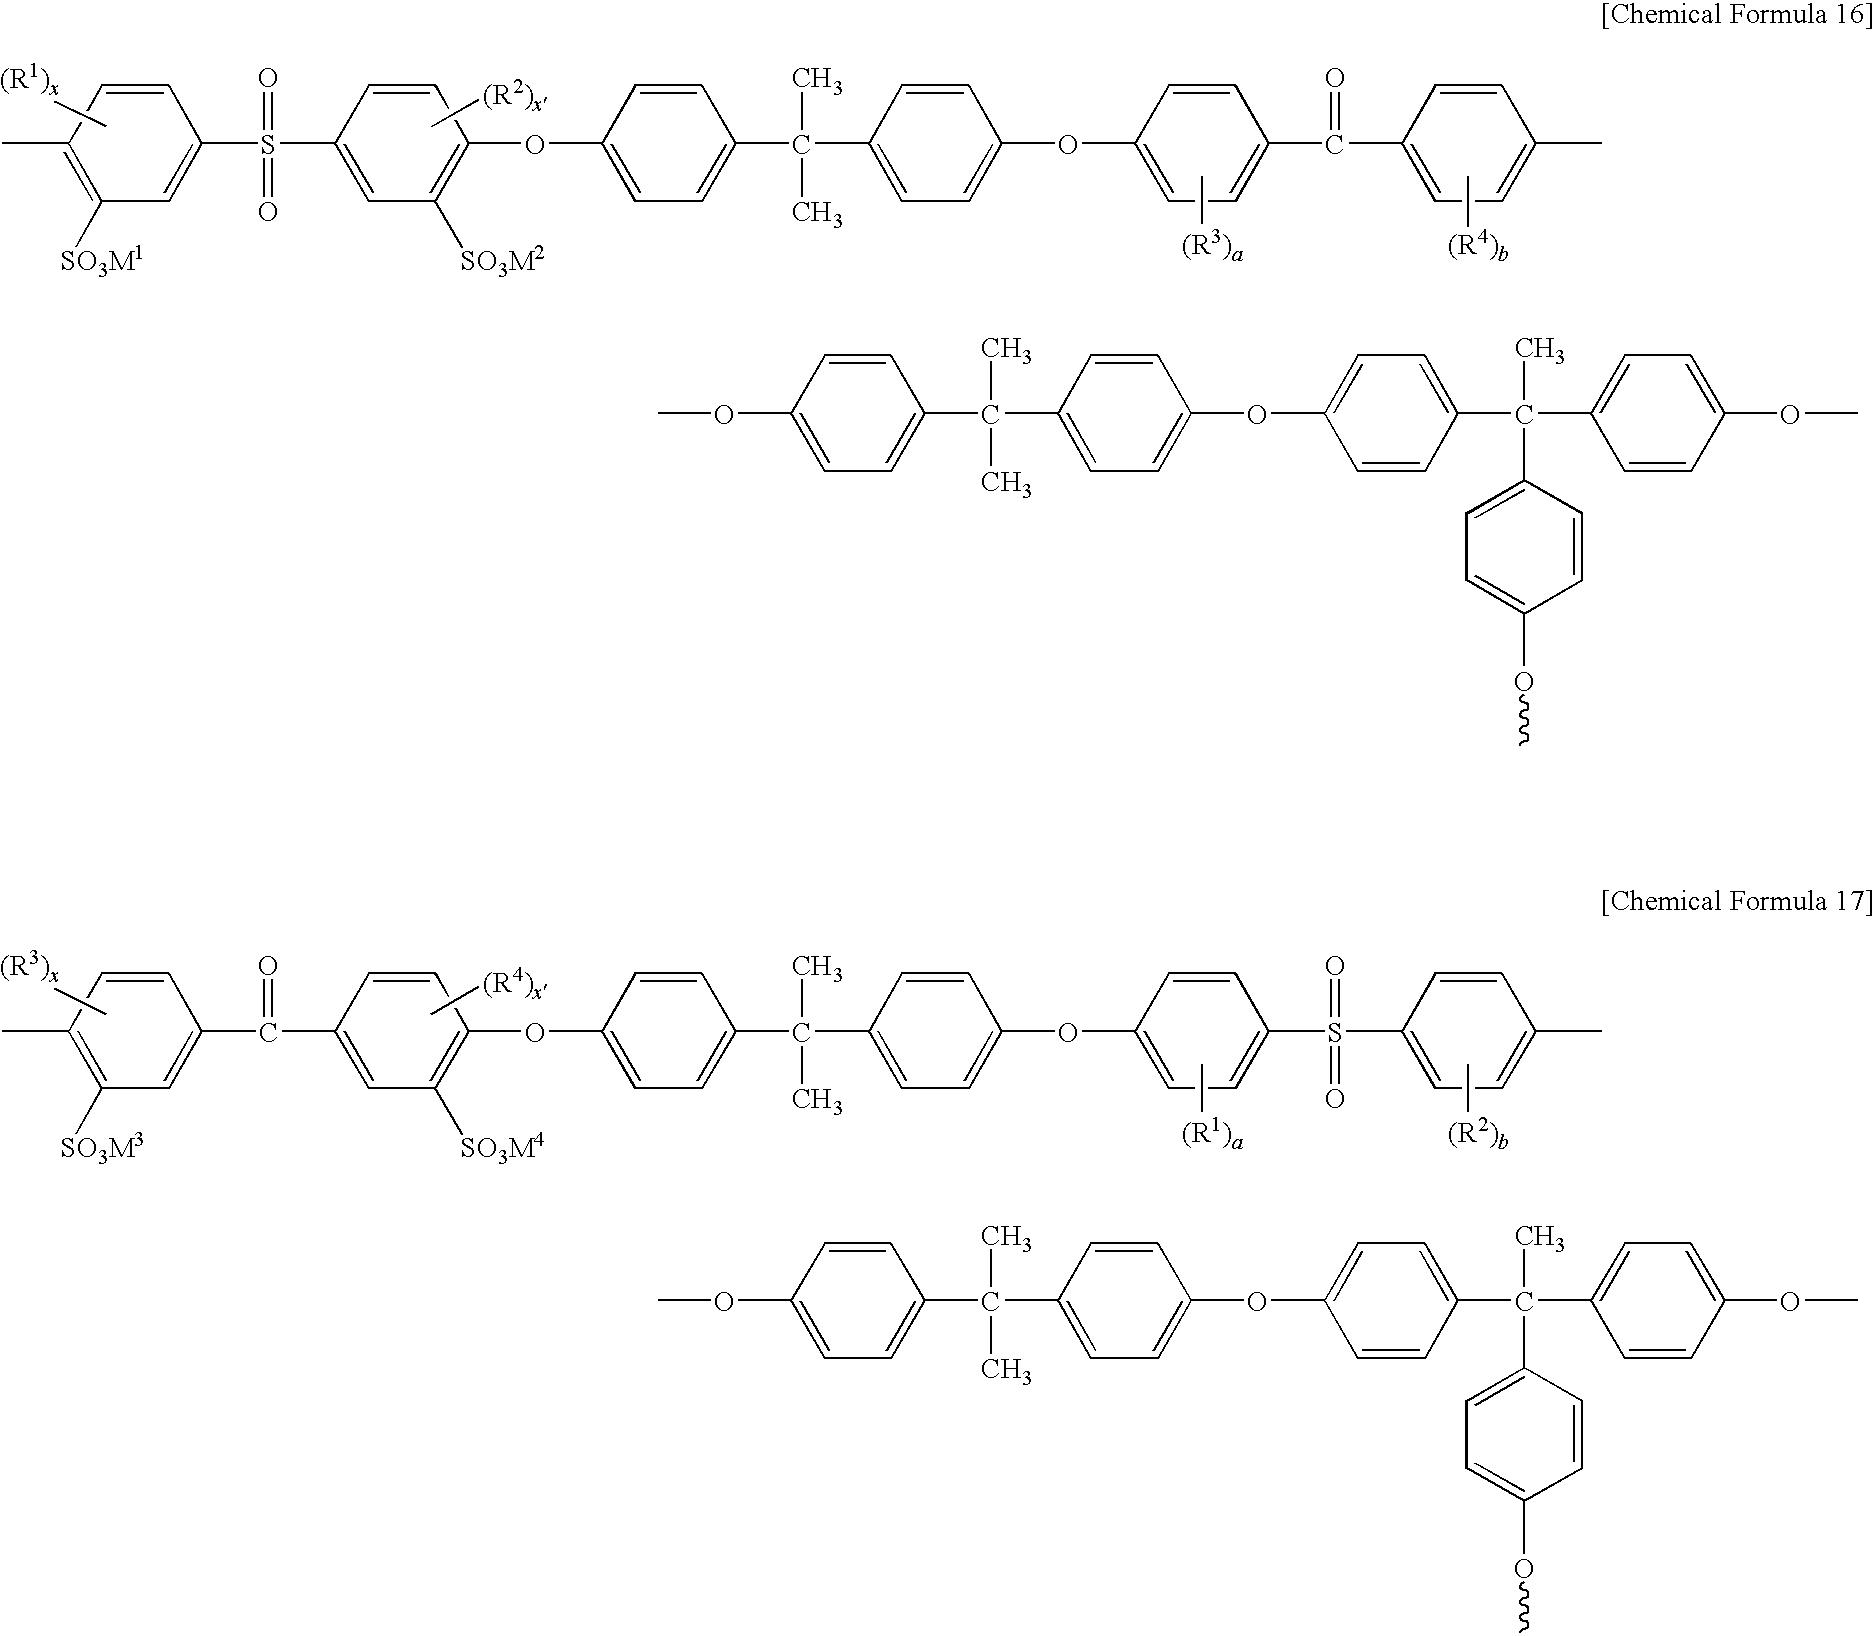 Figure US20090278073A1-20091112-C00017